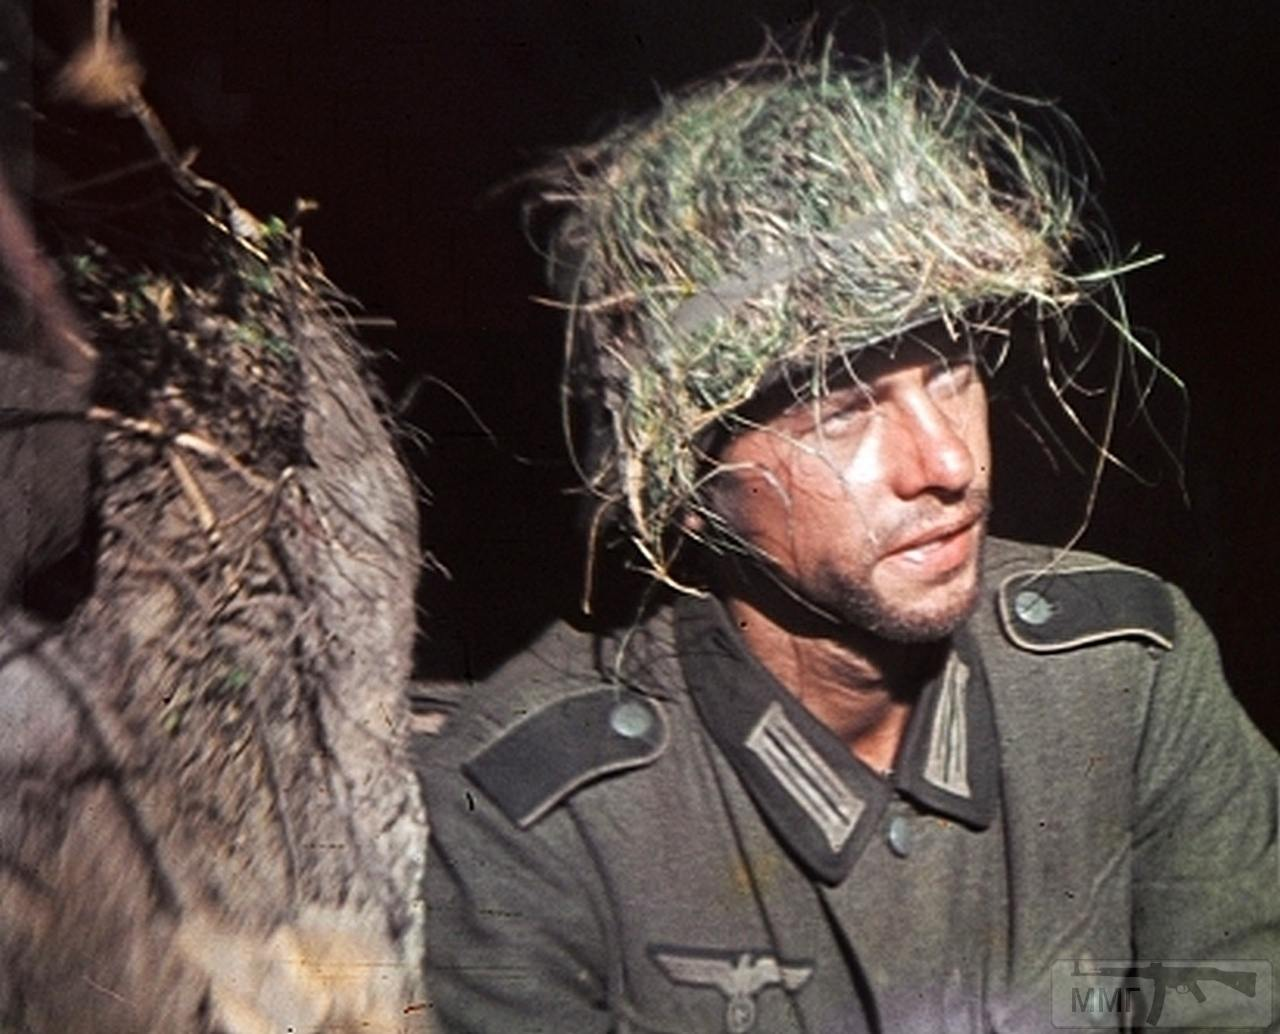 71658 - Военное фото 1939-1945 г.г. Западный фронт и Африка.